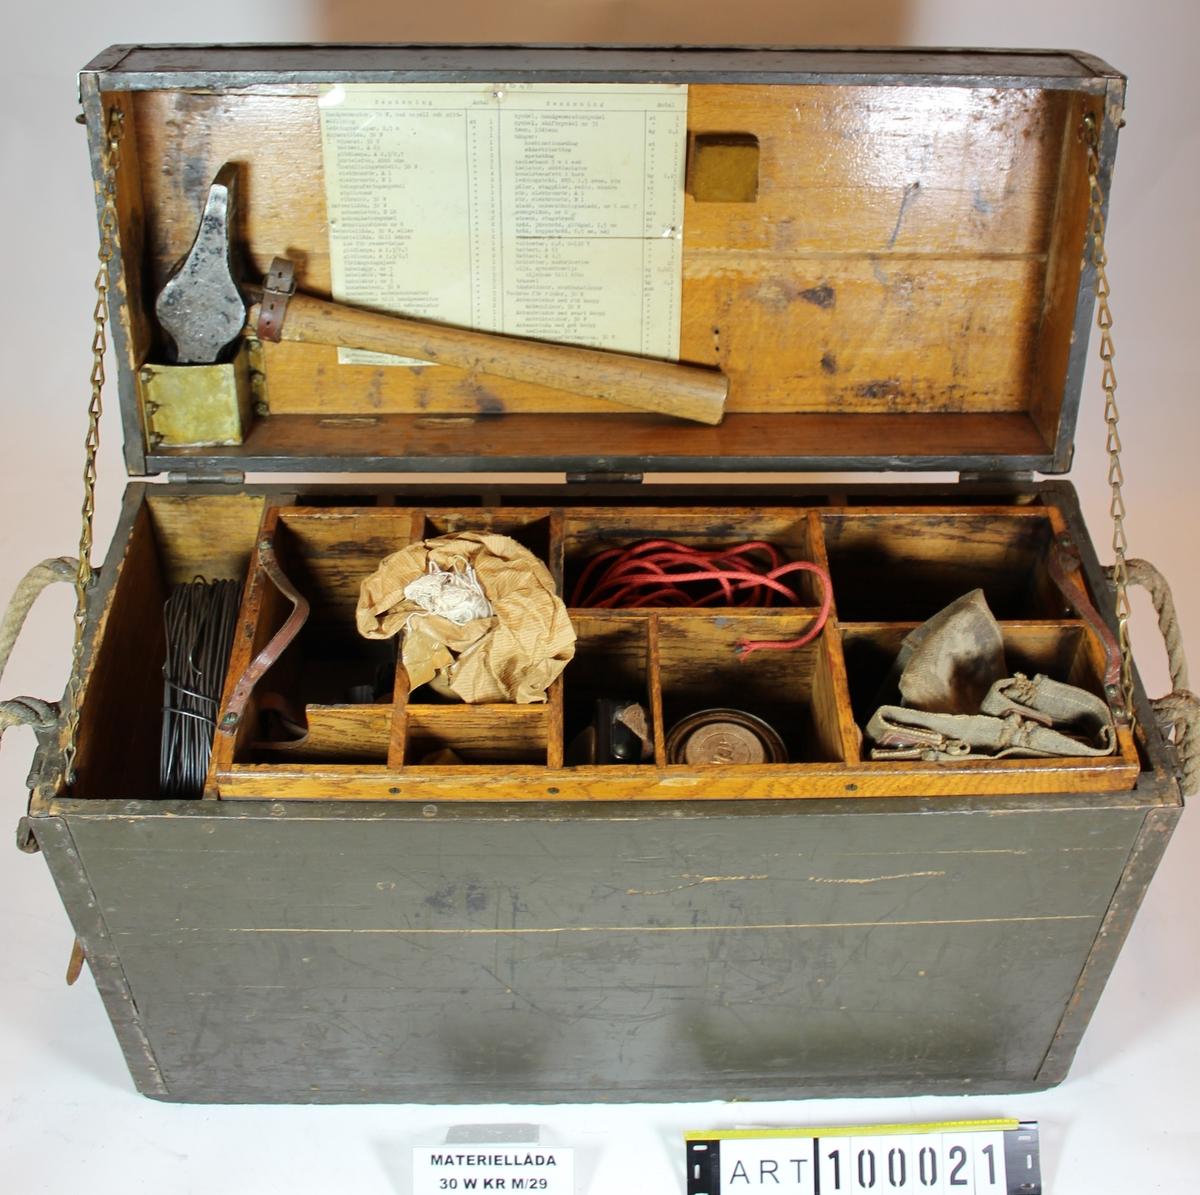 Radiostationen består av 5 kolli. 1.apparatlåda 2. batterilåda 3.materiellåda (individnr 19) 4. handgenerator (individnr 78). 5. mastantenn. I vår samling saknas batterilåda och master.